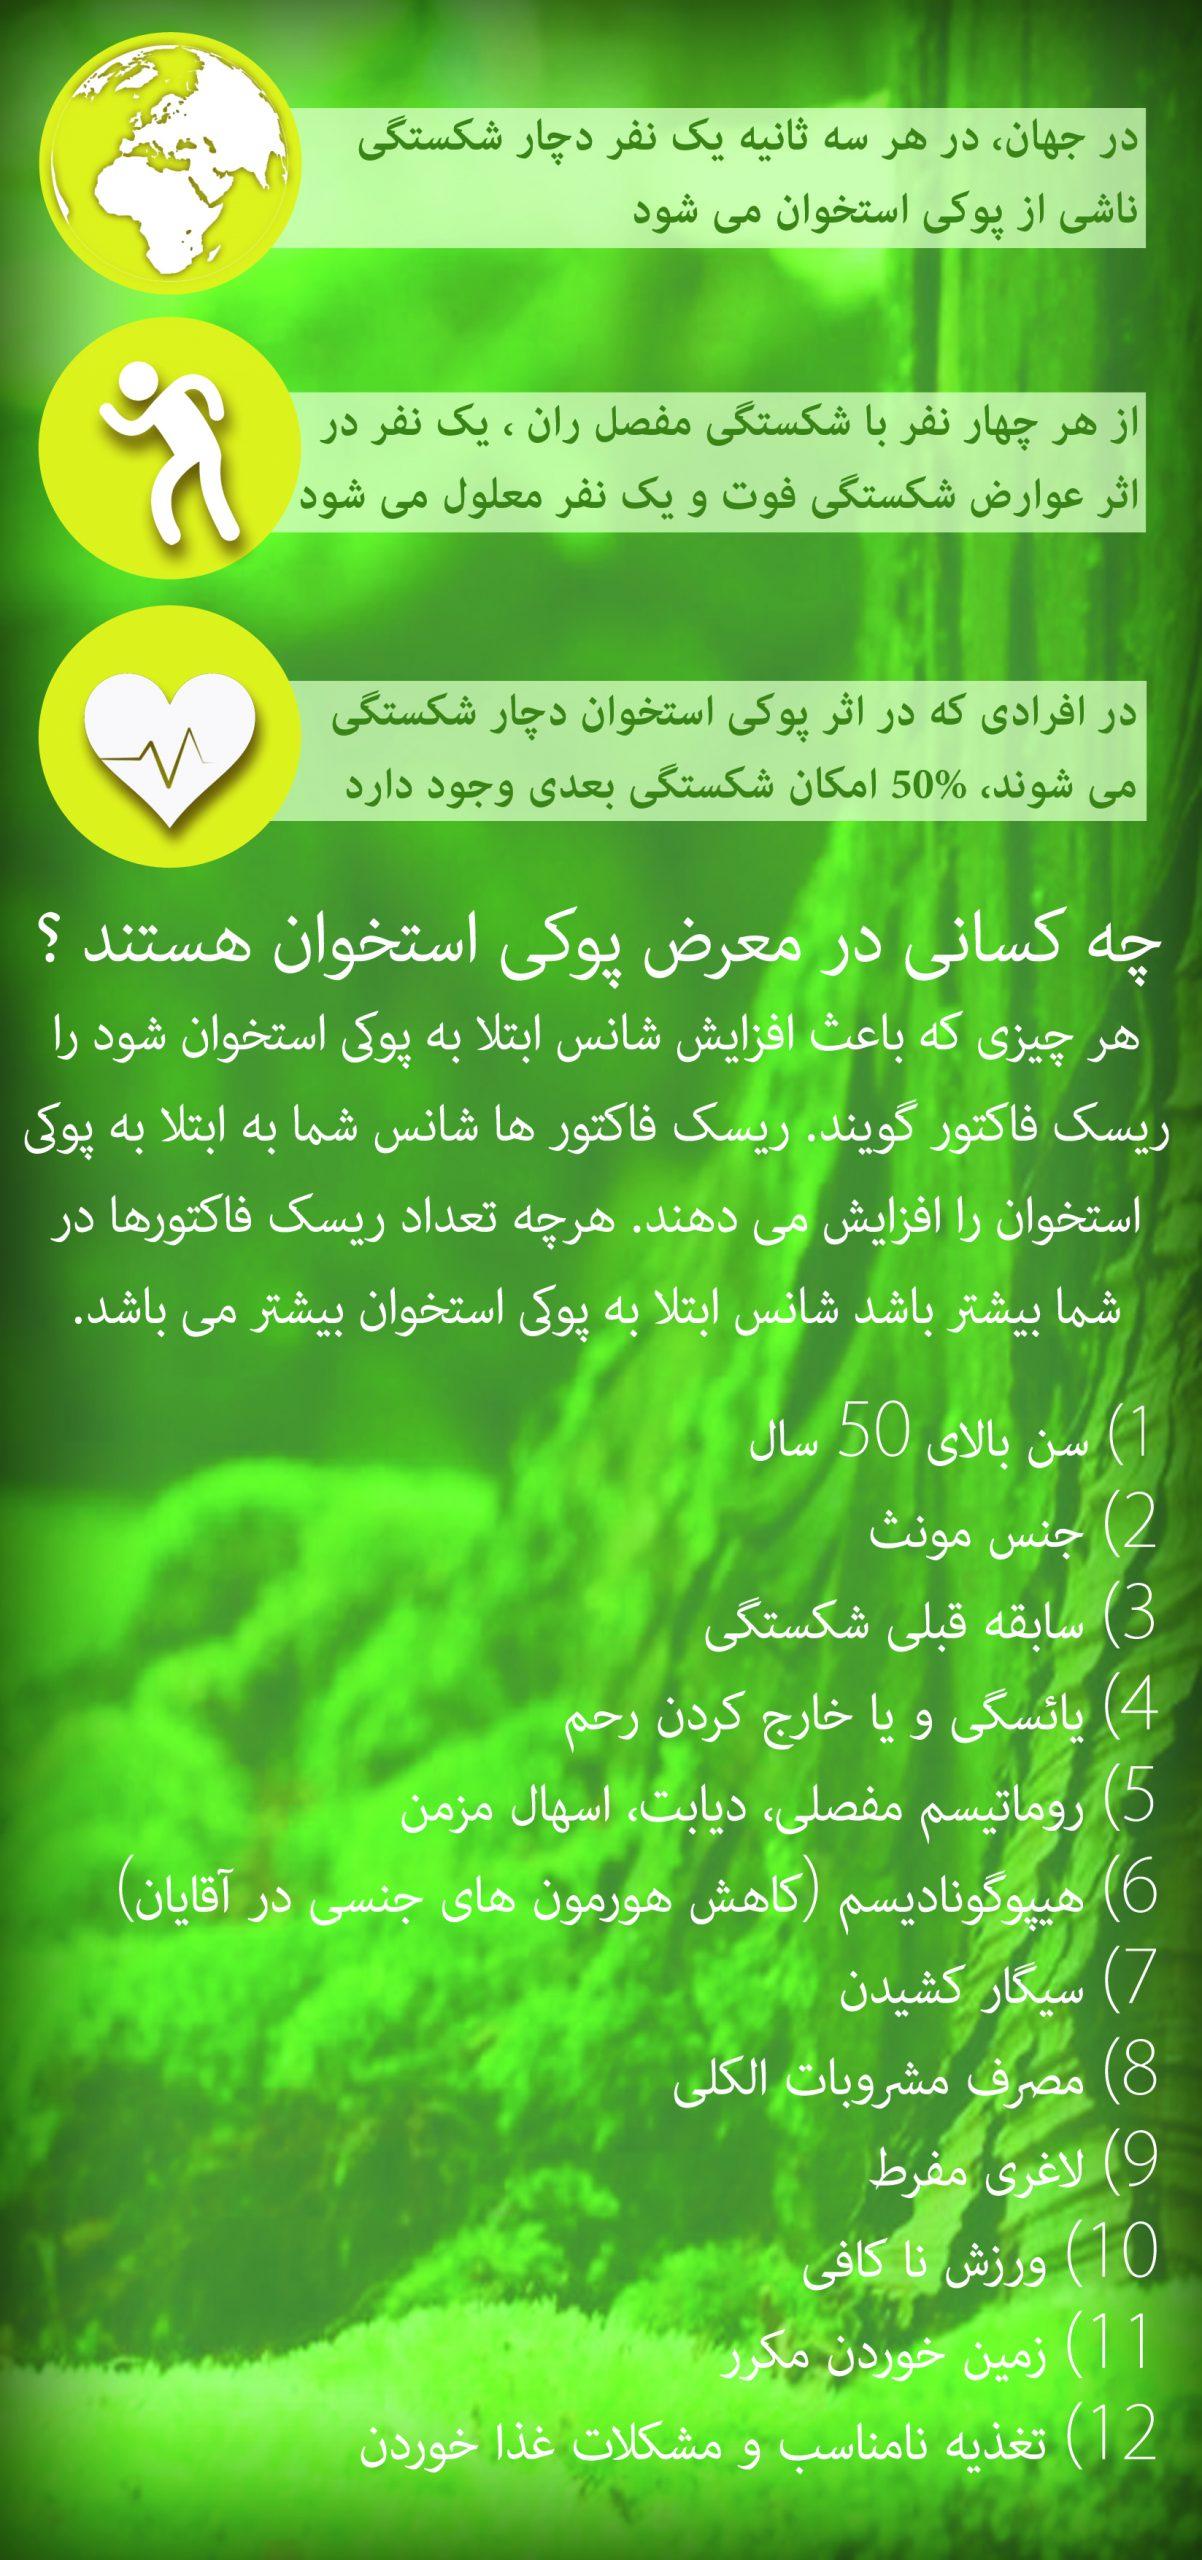 نگار ایرانیان2